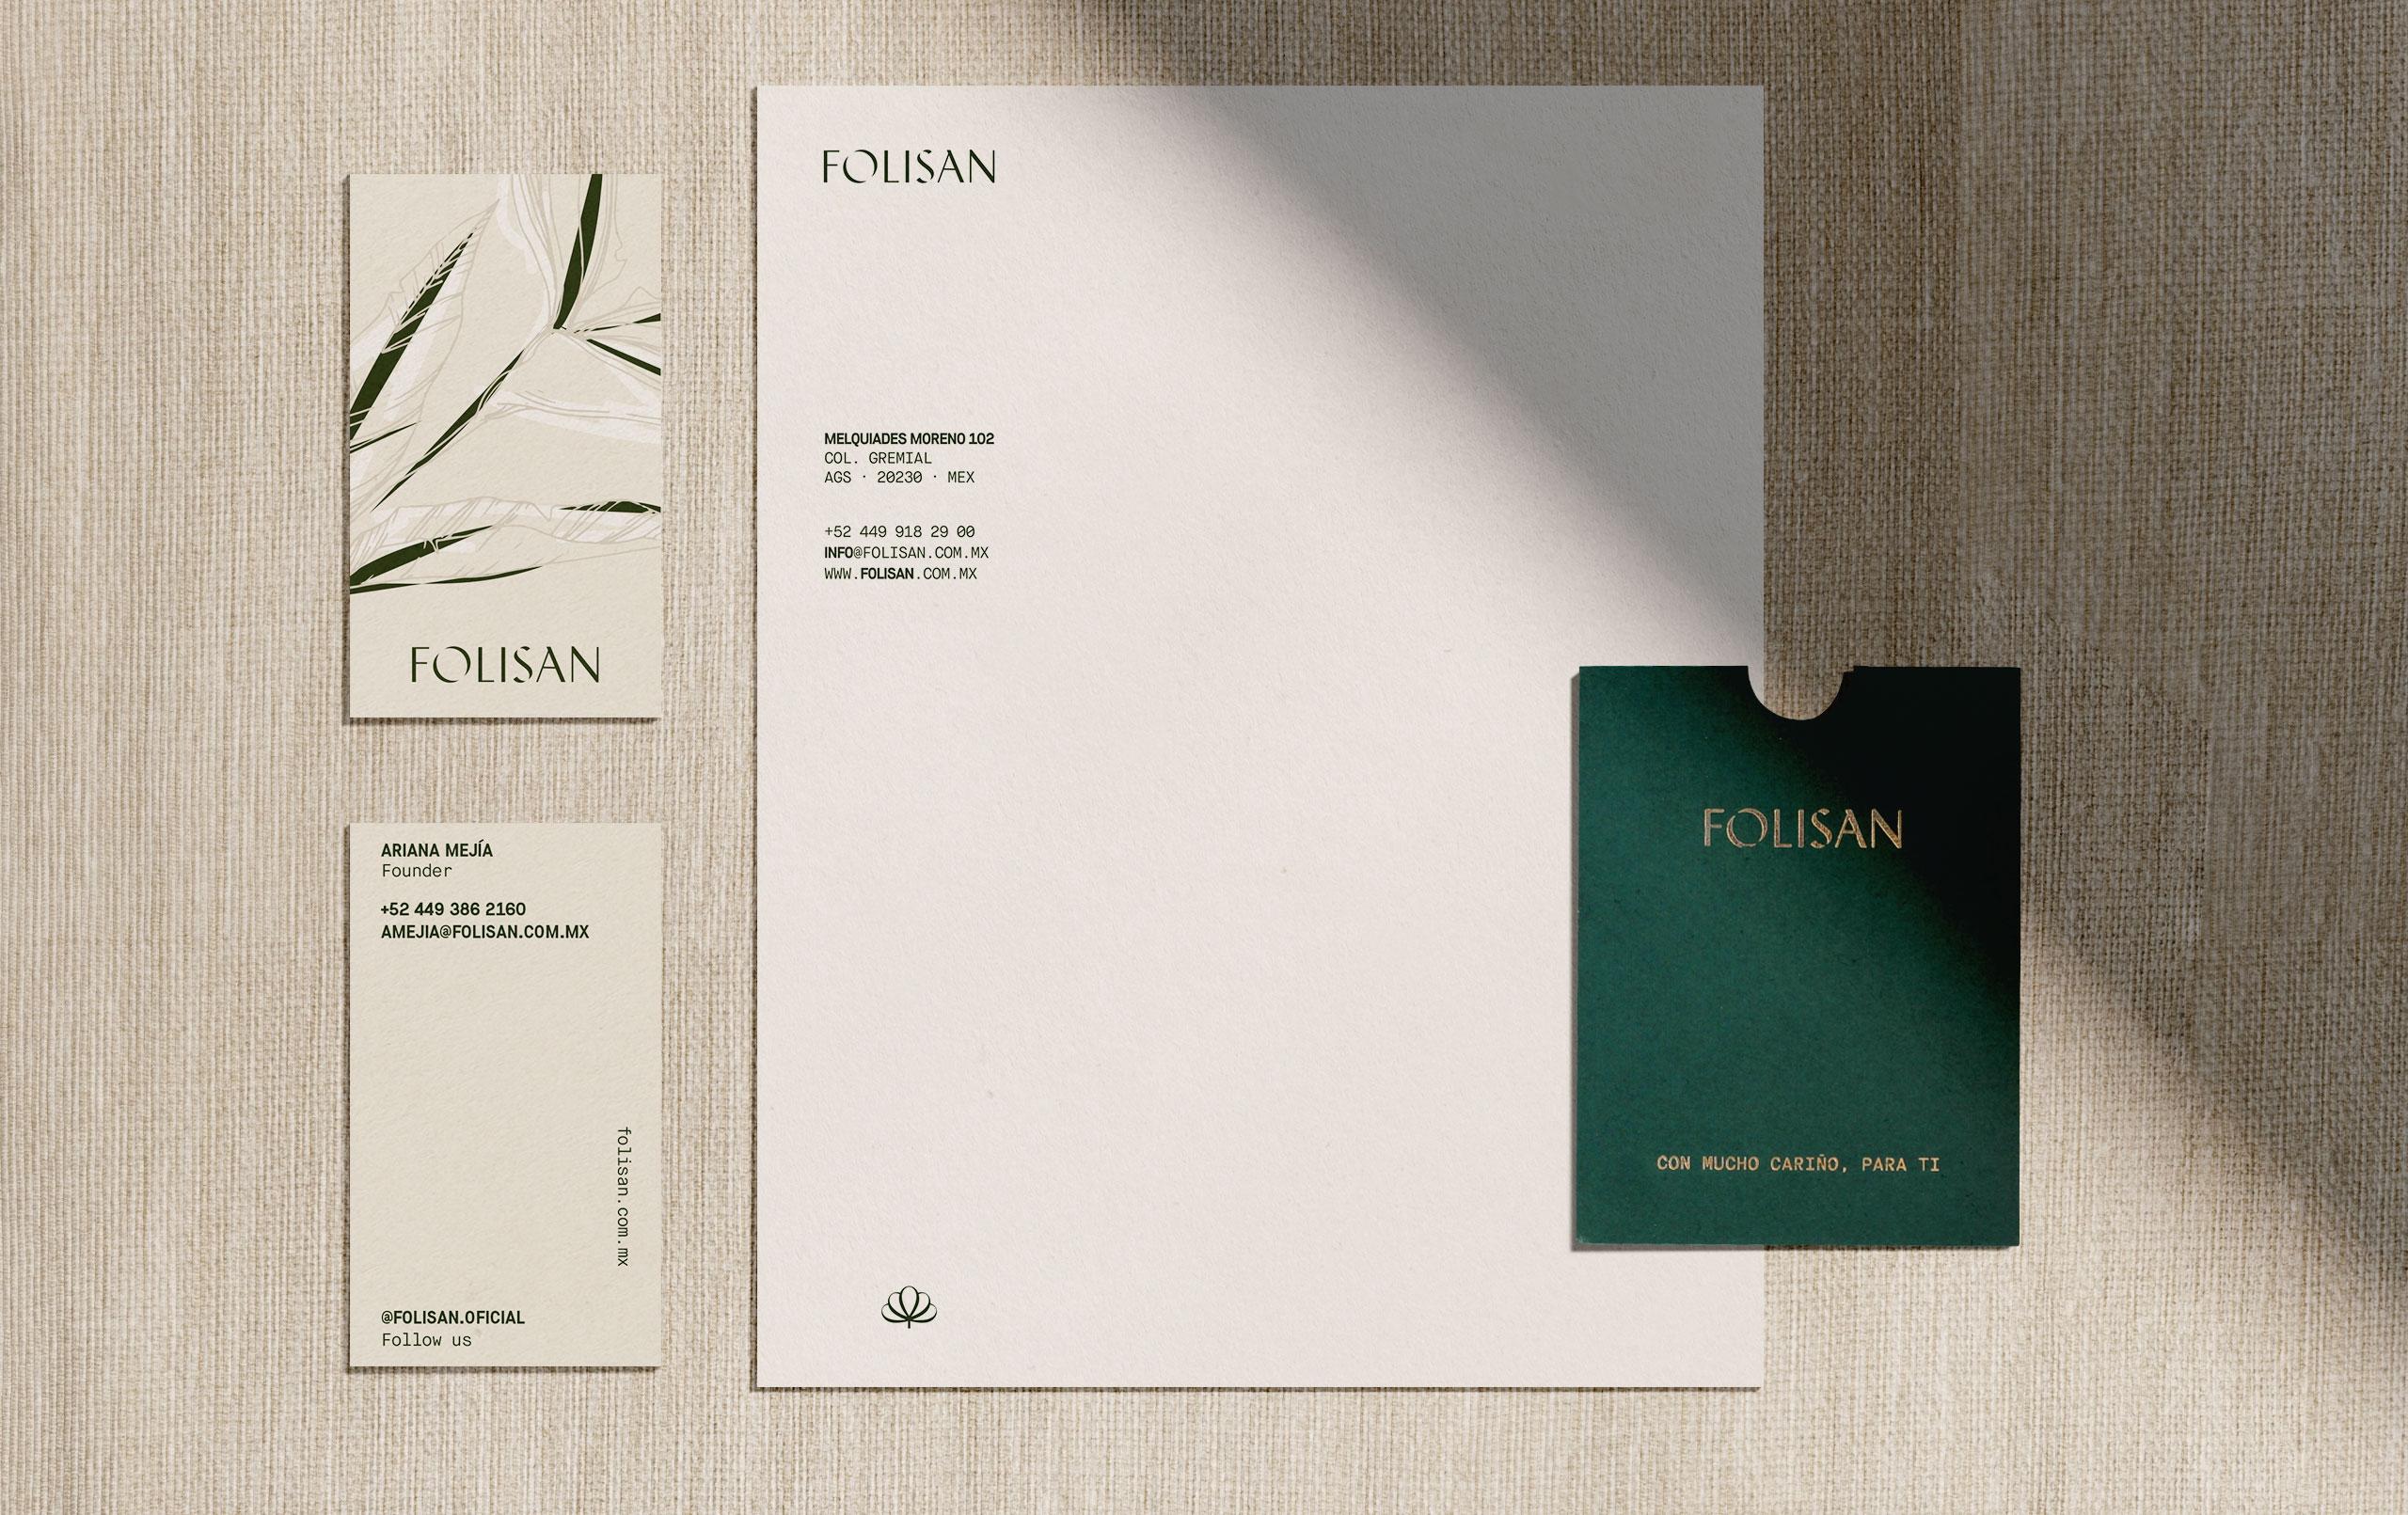 Folisan-Portafolio-11